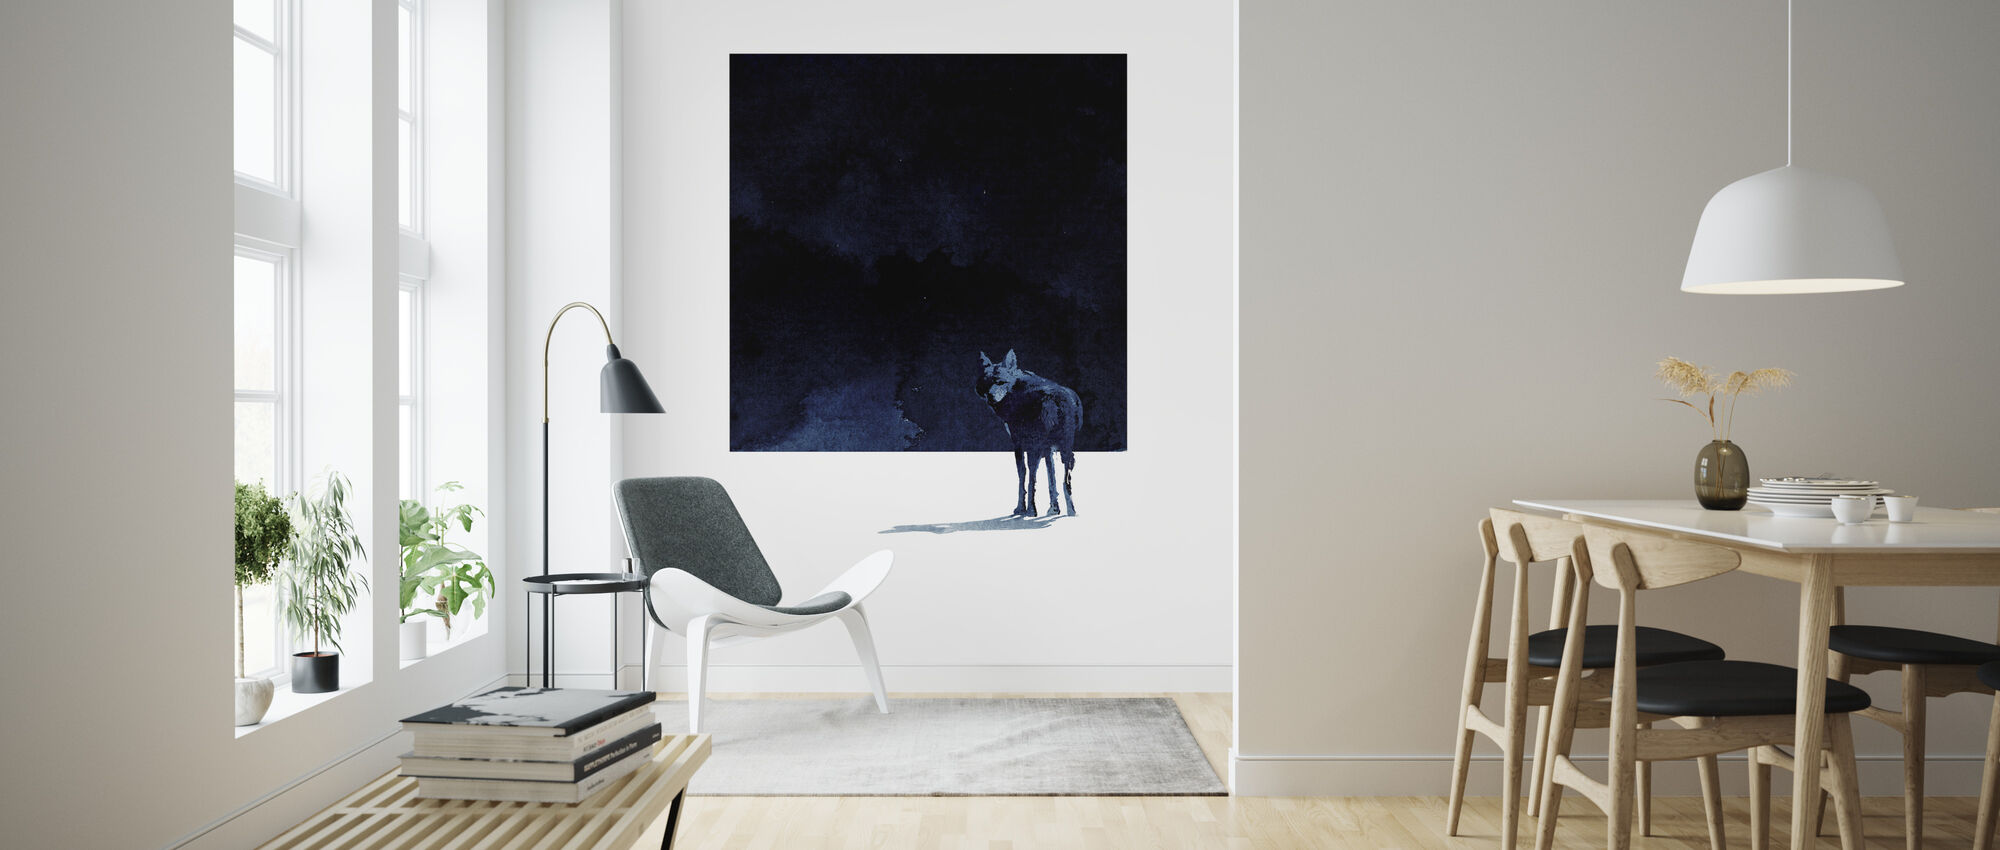 Im Going Back - Wallpaper - Living Room